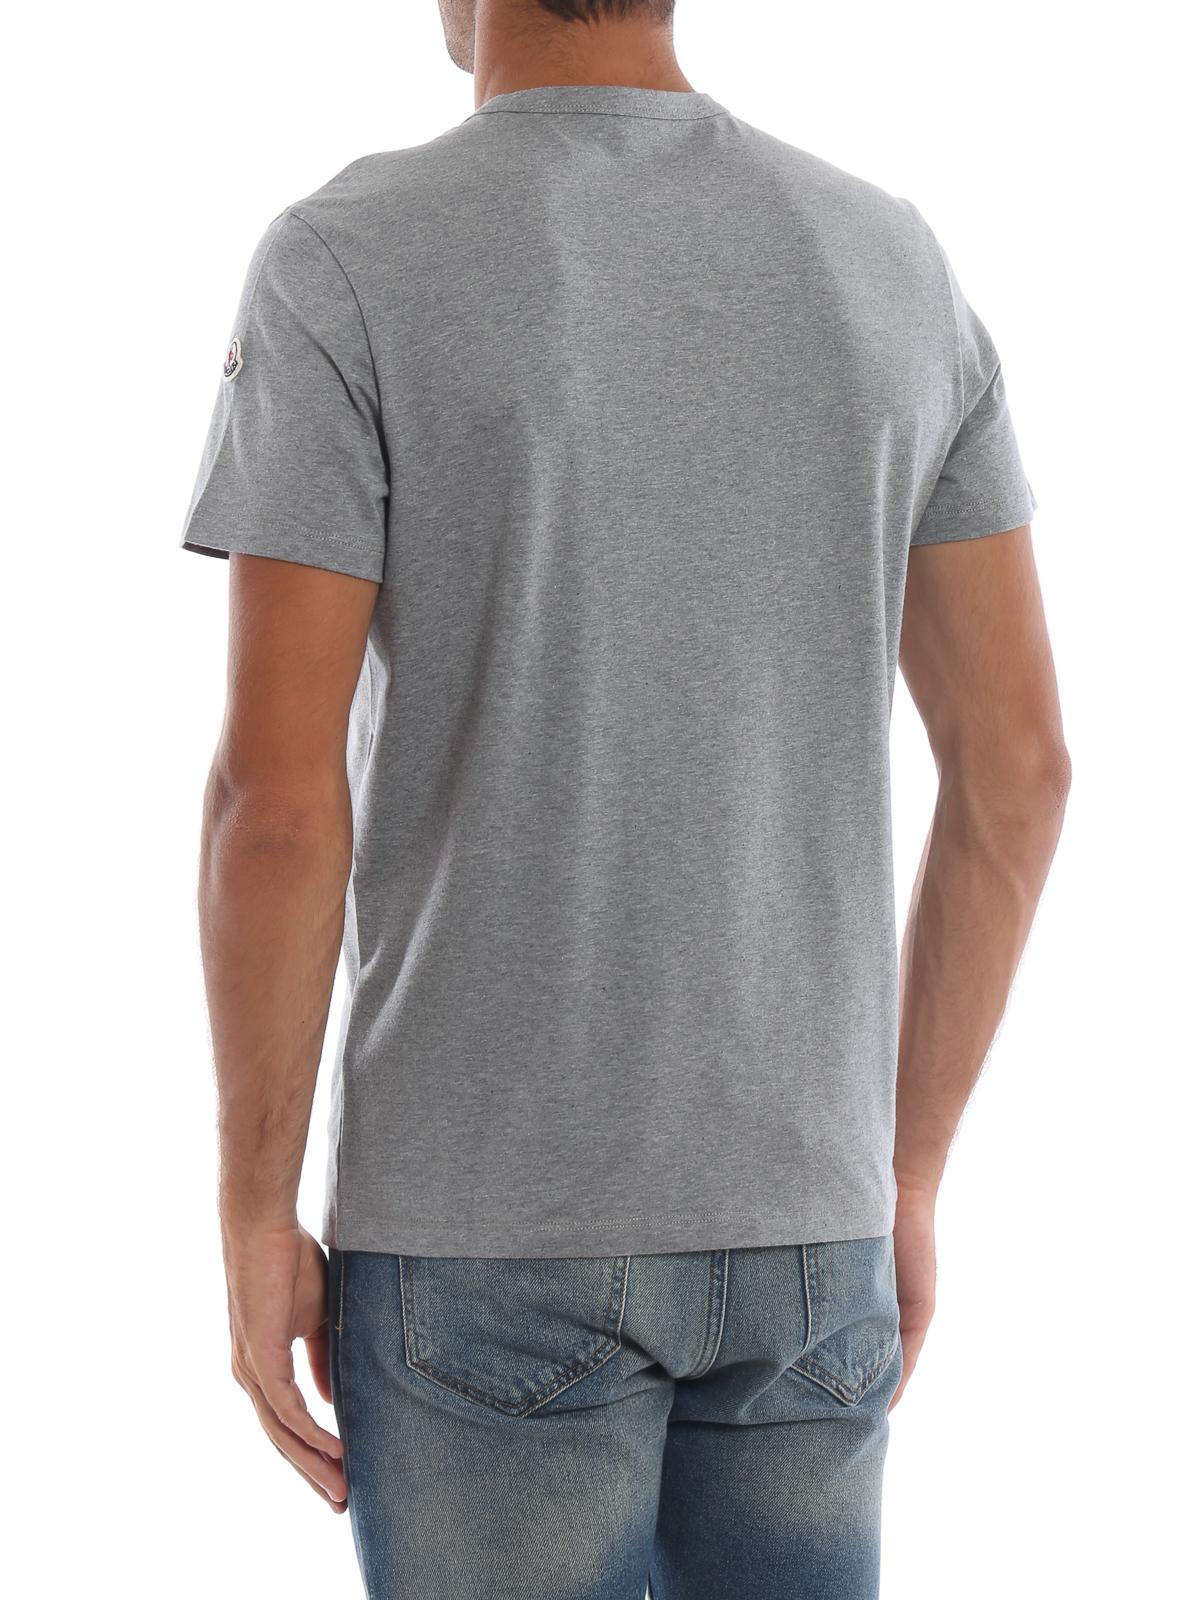 b885e1b92 Moncler - Rubberized tricolour logo print grey T-shirt - t-shirts ...